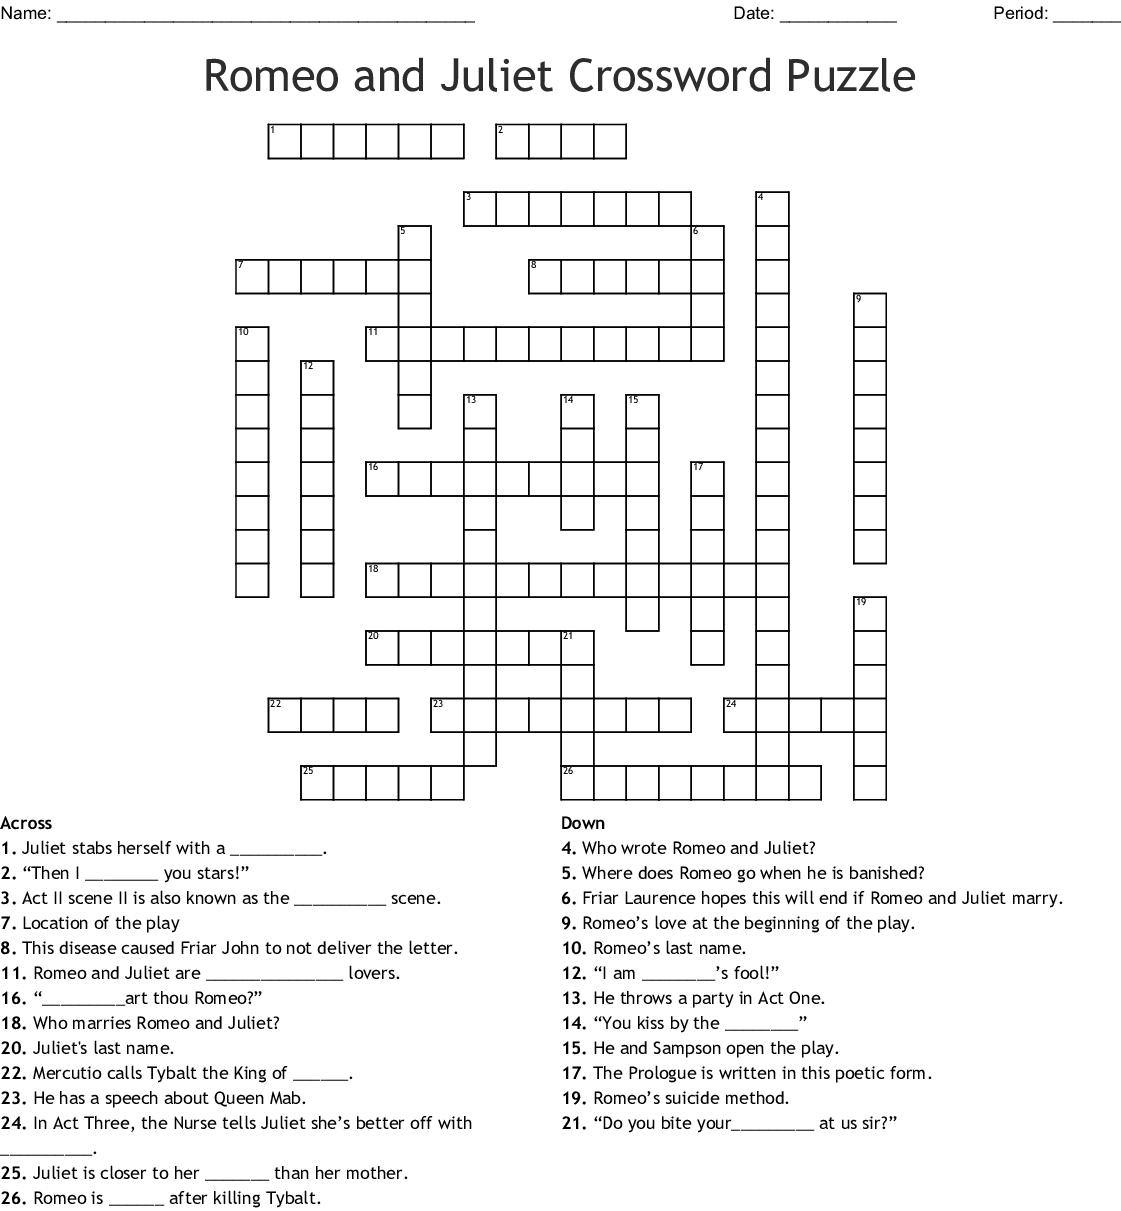 Romeo And Juliet Crossword Puzzle Crossword